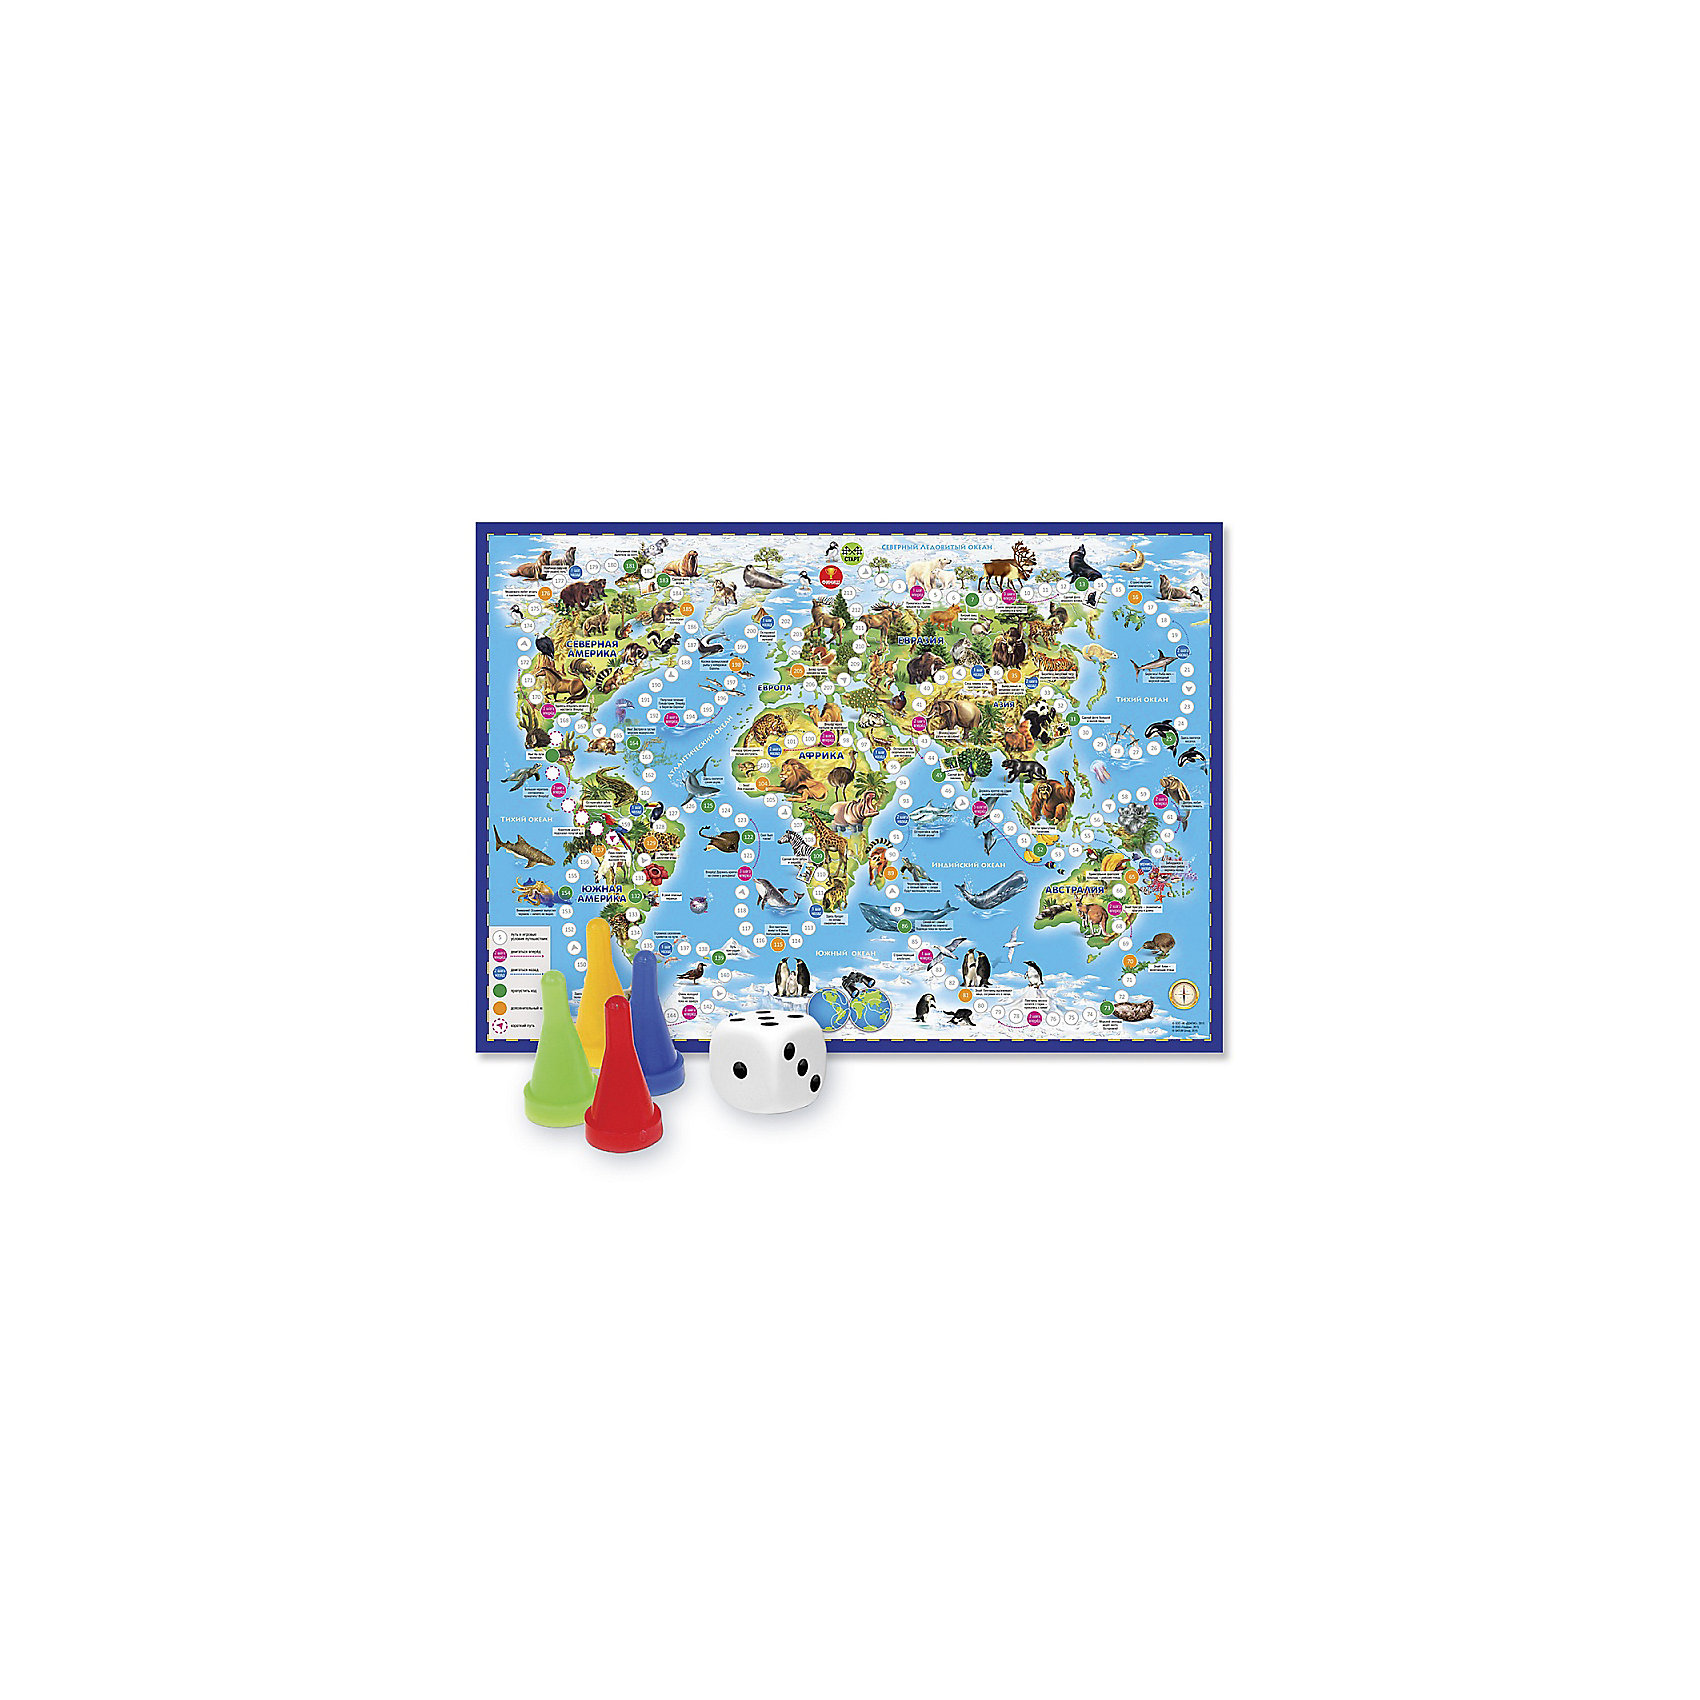 Игра-ходилка с фишками Животный мир ЗемлиИгра-ходилка  разработана для игры всей семьёй или группой детей. В ней могут участвовать от 2 до 4 игроков. Эта полезная развивающая игра поможет заботливым родителям расширить знания детей об окружающем  мире, познакомить их с картой мира и  животным миром нашей планеты, потренировать зрительную память и научить счёту самых маленьких игроков.<br><br>Для захватывающего путешествия по континентам  и океанам нашей планеты созданы интересные и даже опасные ситуации, которые могли бы произойти с отважными путешественниками в пути. Правила игры просты. Когда дети их освоят, можно отправляться в путешествие. Побеждает игрок, который первым придёт к финишу. Игра продолжается, пока её не закончит предпоследний игрок.<br><br>Ширина мм: 595<br>Глубина мм: 420<br>Высота мм: 50<br>Вес г: 83<br>Возраст от месяцев: 36<br>Возраст до месяцев: 2147483647<br>Пол: Унисекс<br>Возраст: Детский<br>SKU: 5518169